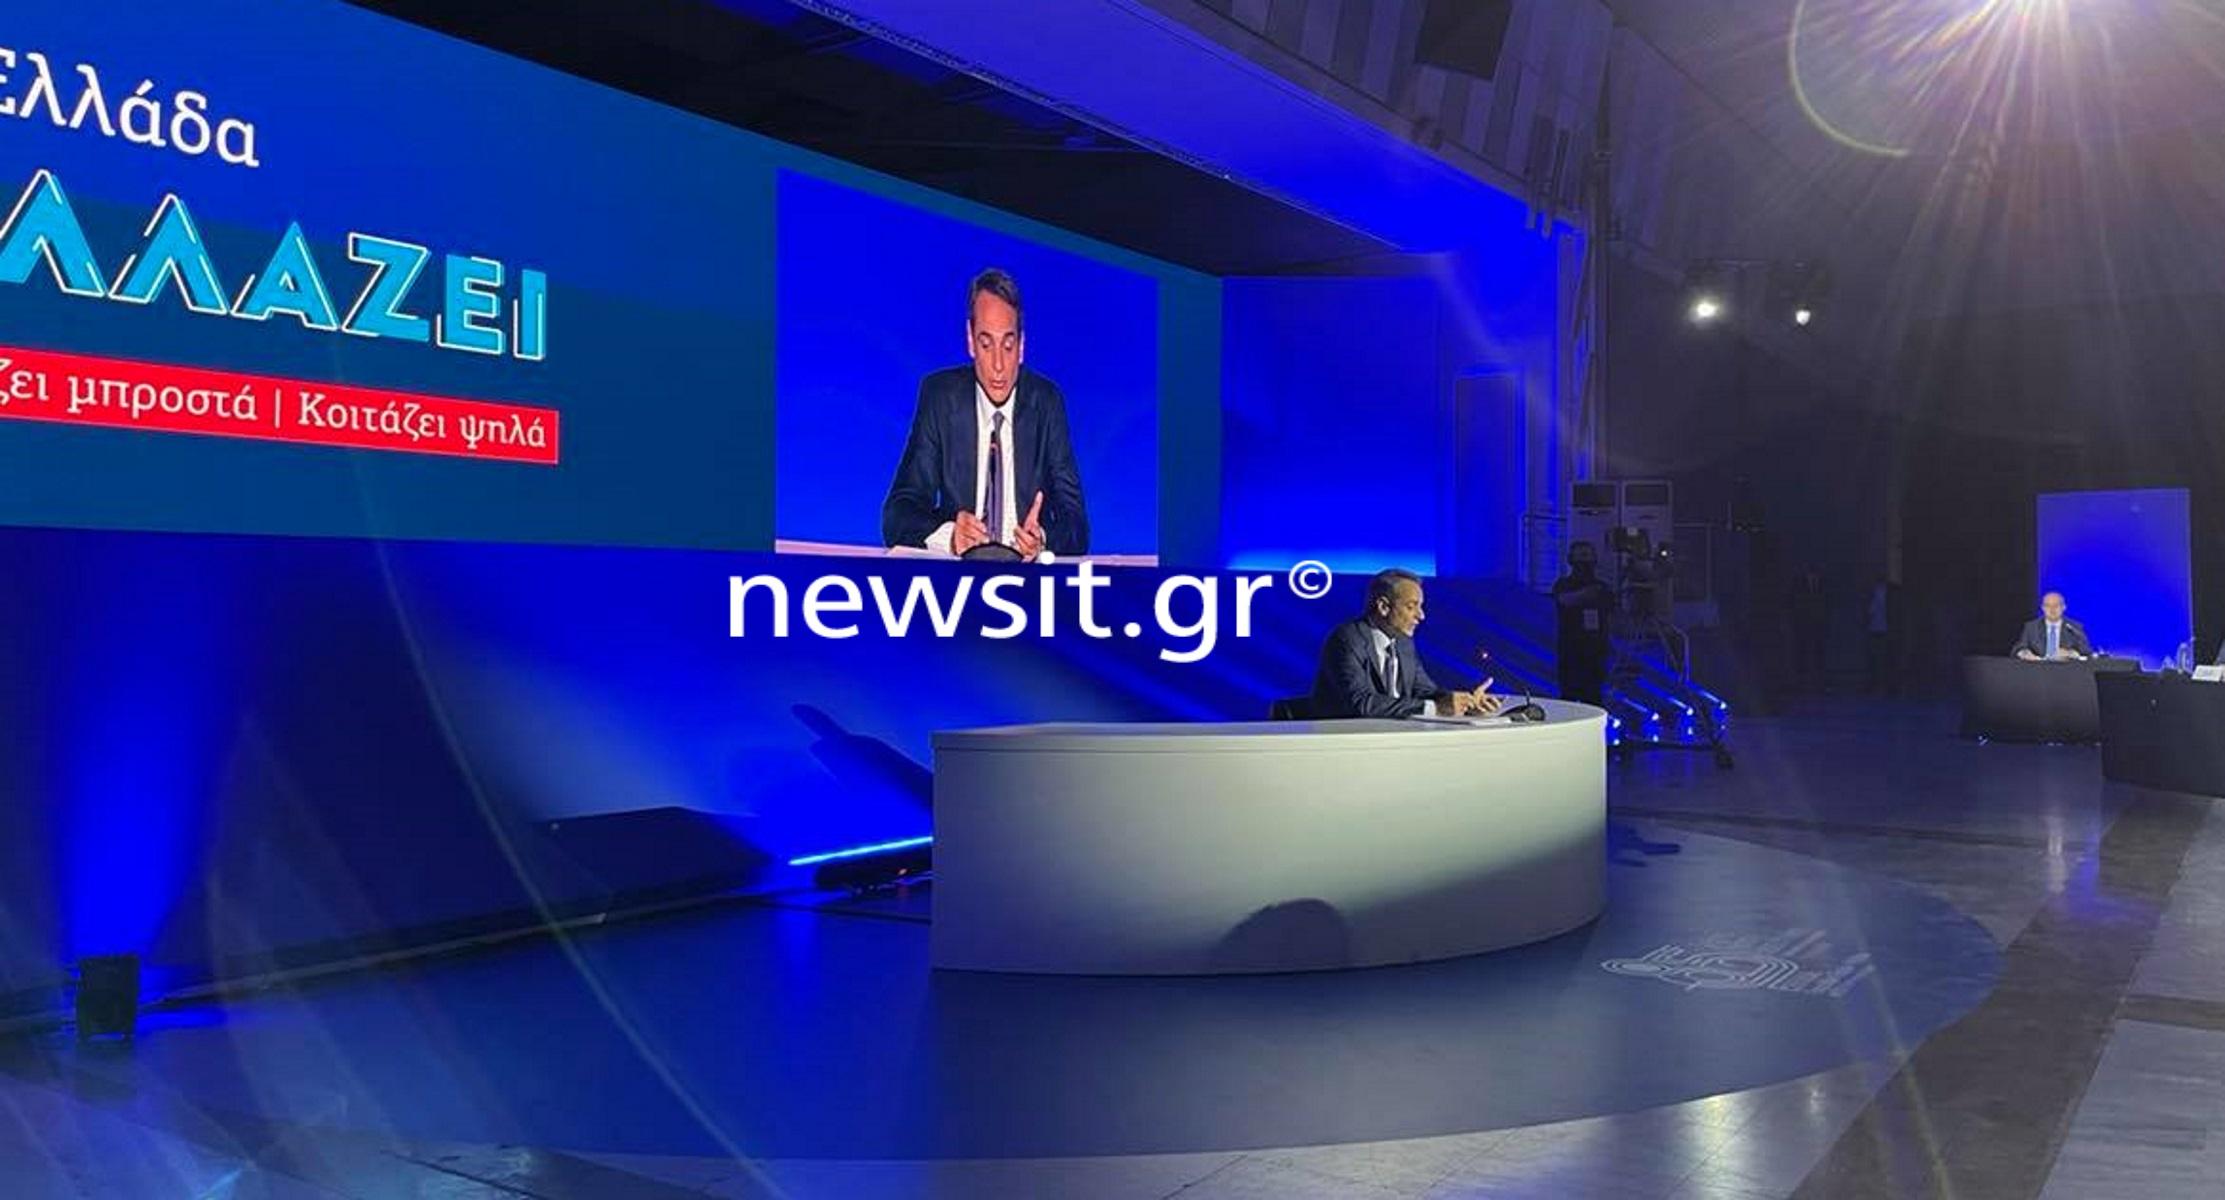 Η συνέντευξη Τύπου του πρωθυπουργού Κυριάκου Μητσοτάκη στη ΔΕΘ 2021